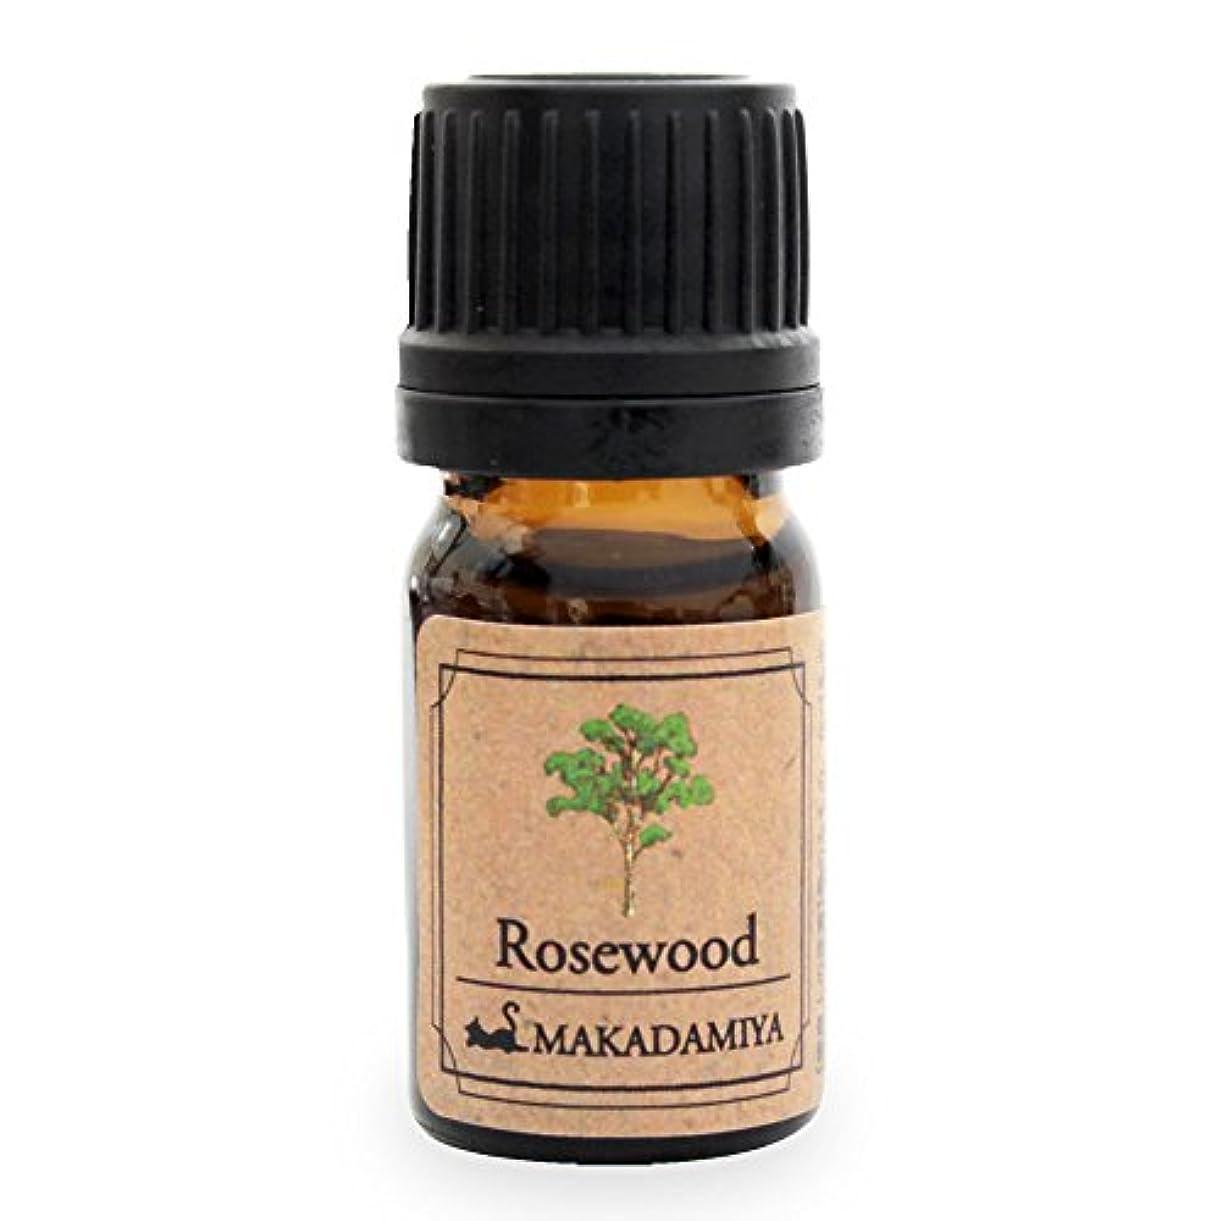 メジャーボルトターゲットローズウッド5ml 天然100%植物性 エッセンシャルオイル(精油) アロマオイル アロママッサージ aroma Rosewood